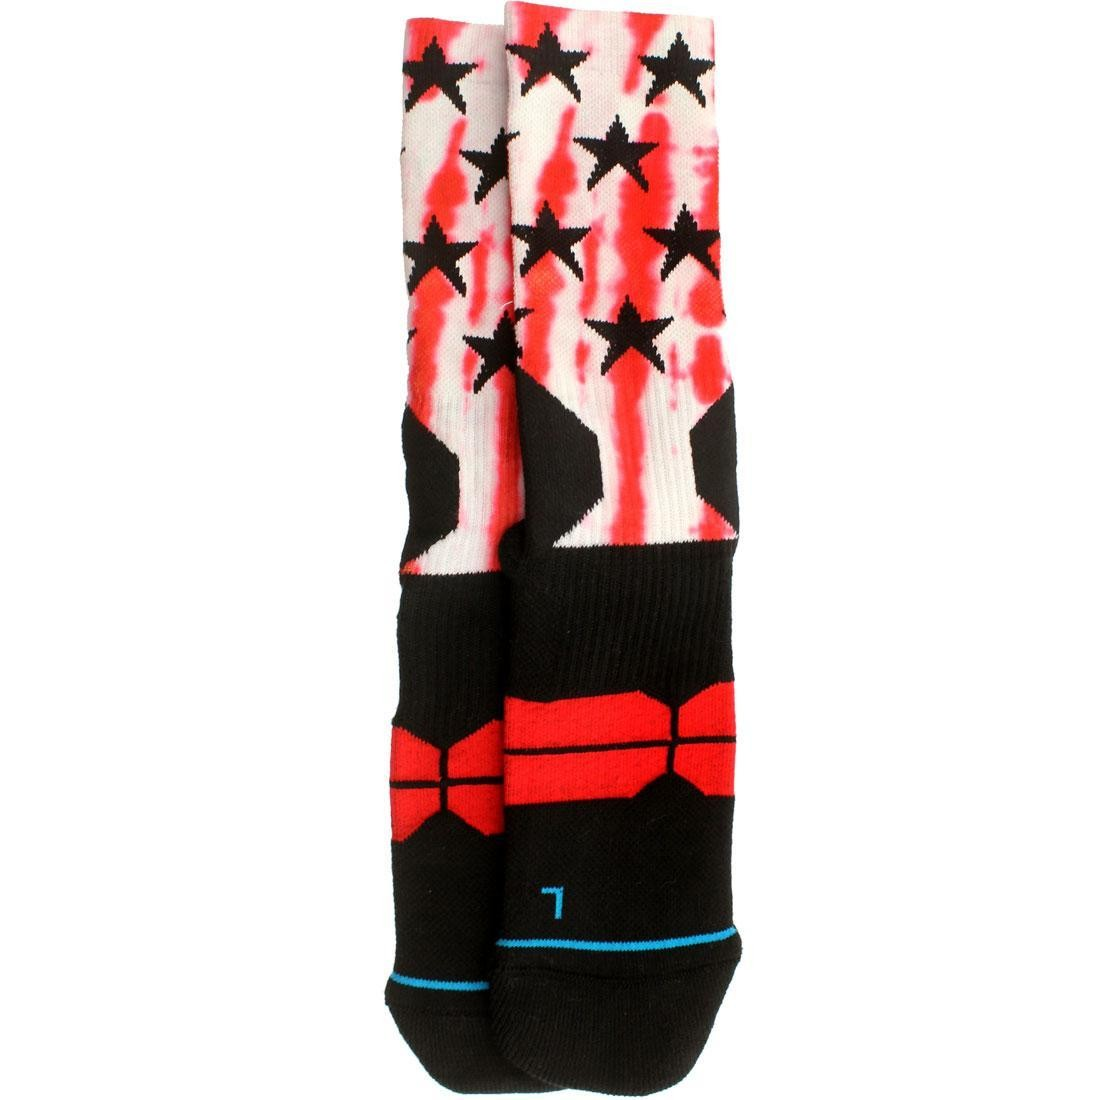 スタンス STANCE ソックス 靴下 インナー 下着 ナイトウエア メンズ 下 レッグ 【 X Nba All Star 2015 West Socks (red) 】 Red